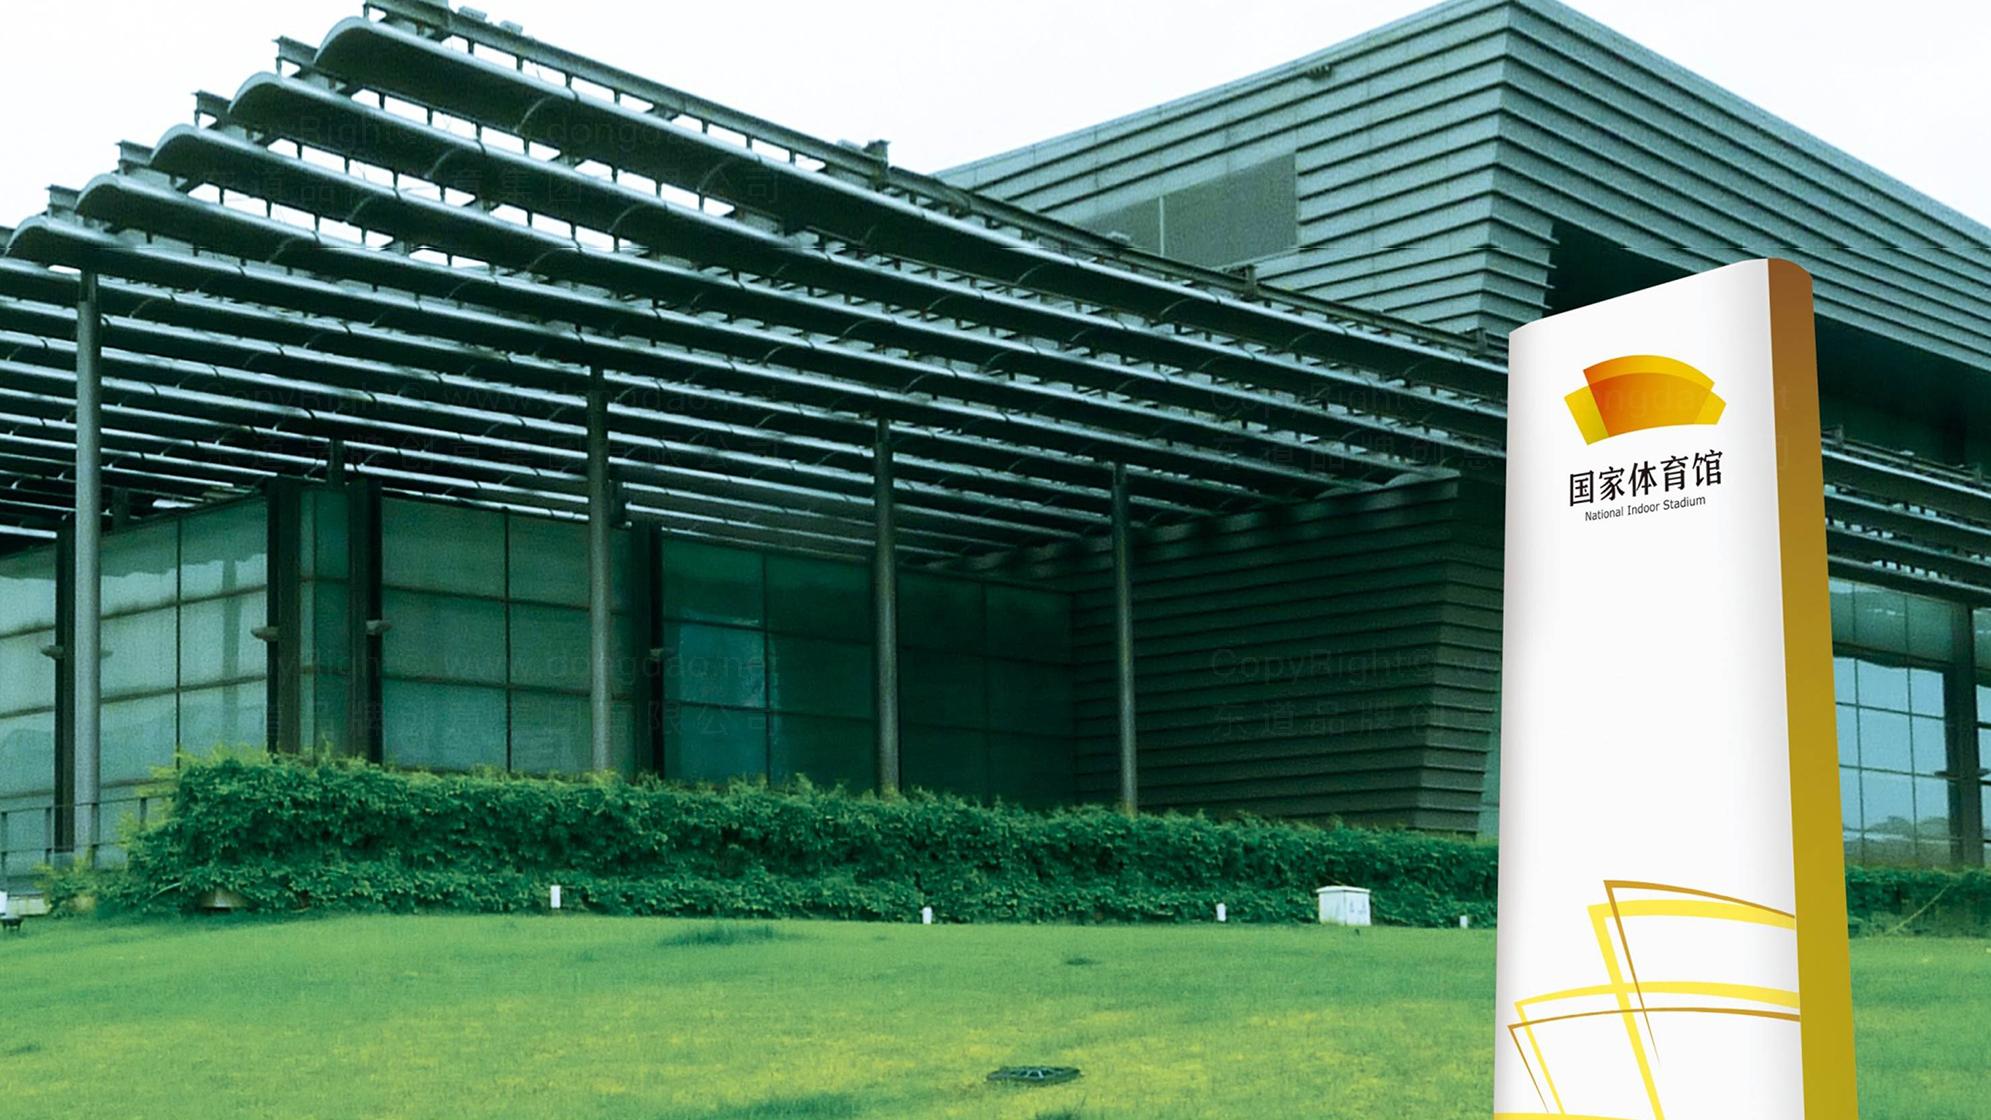 品牌设计国家体育馆LOGO&VI设计应用场景